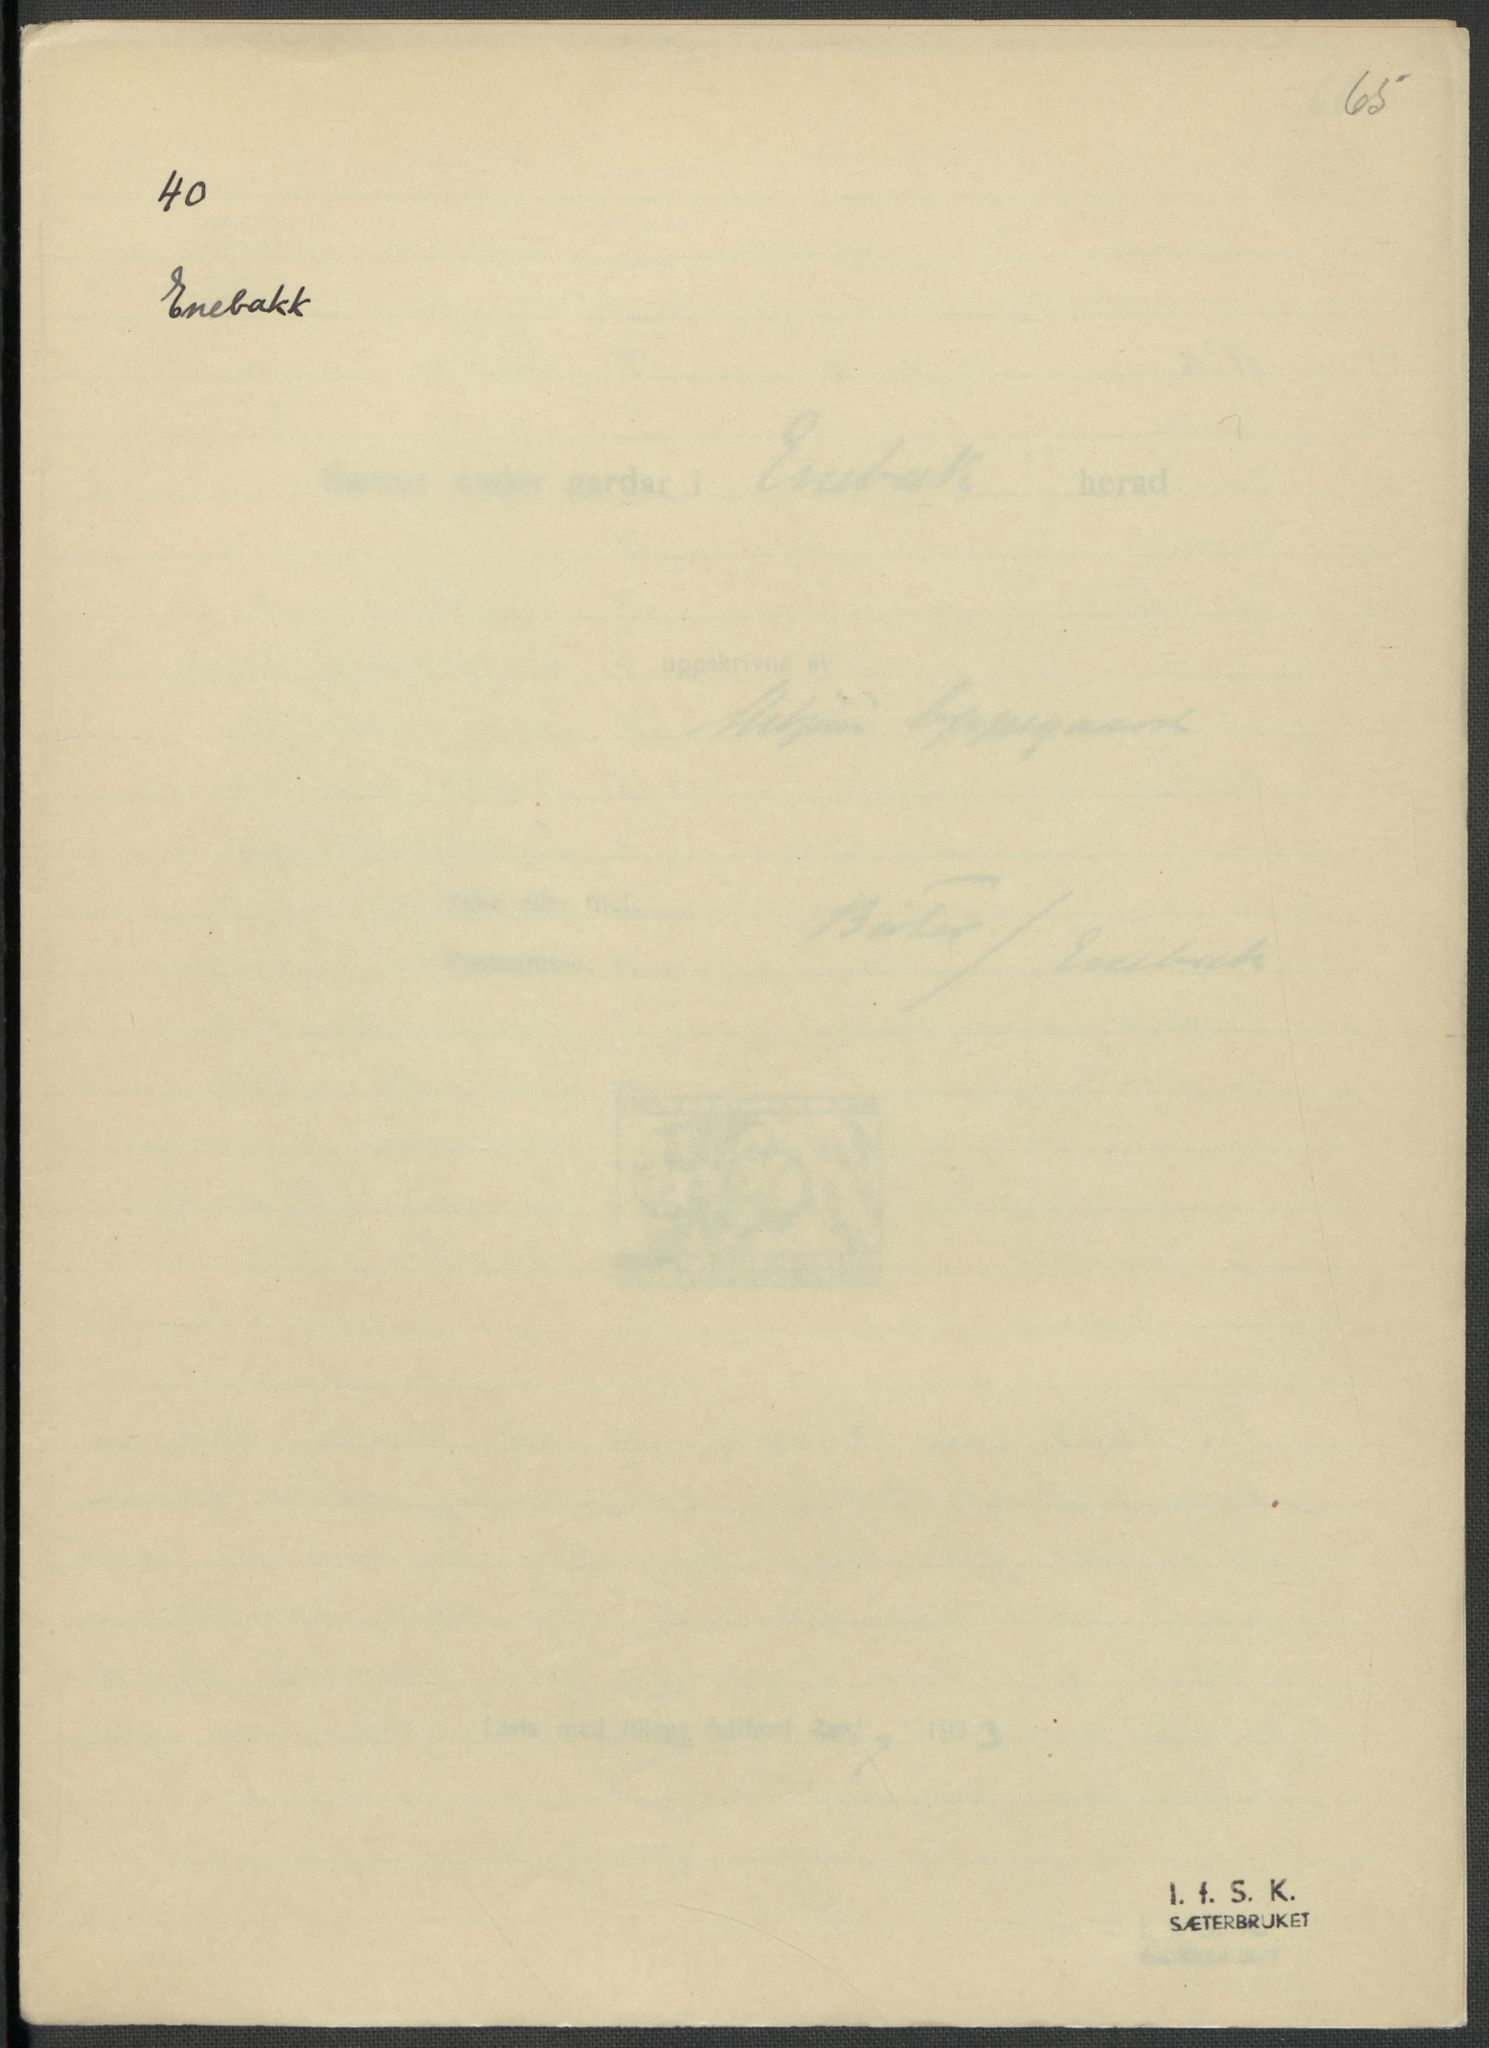 RA, Instituttet for sammenlignende kulturforskning, F/Fc/L0002: Eske B2:, 1932-1936, s. 65